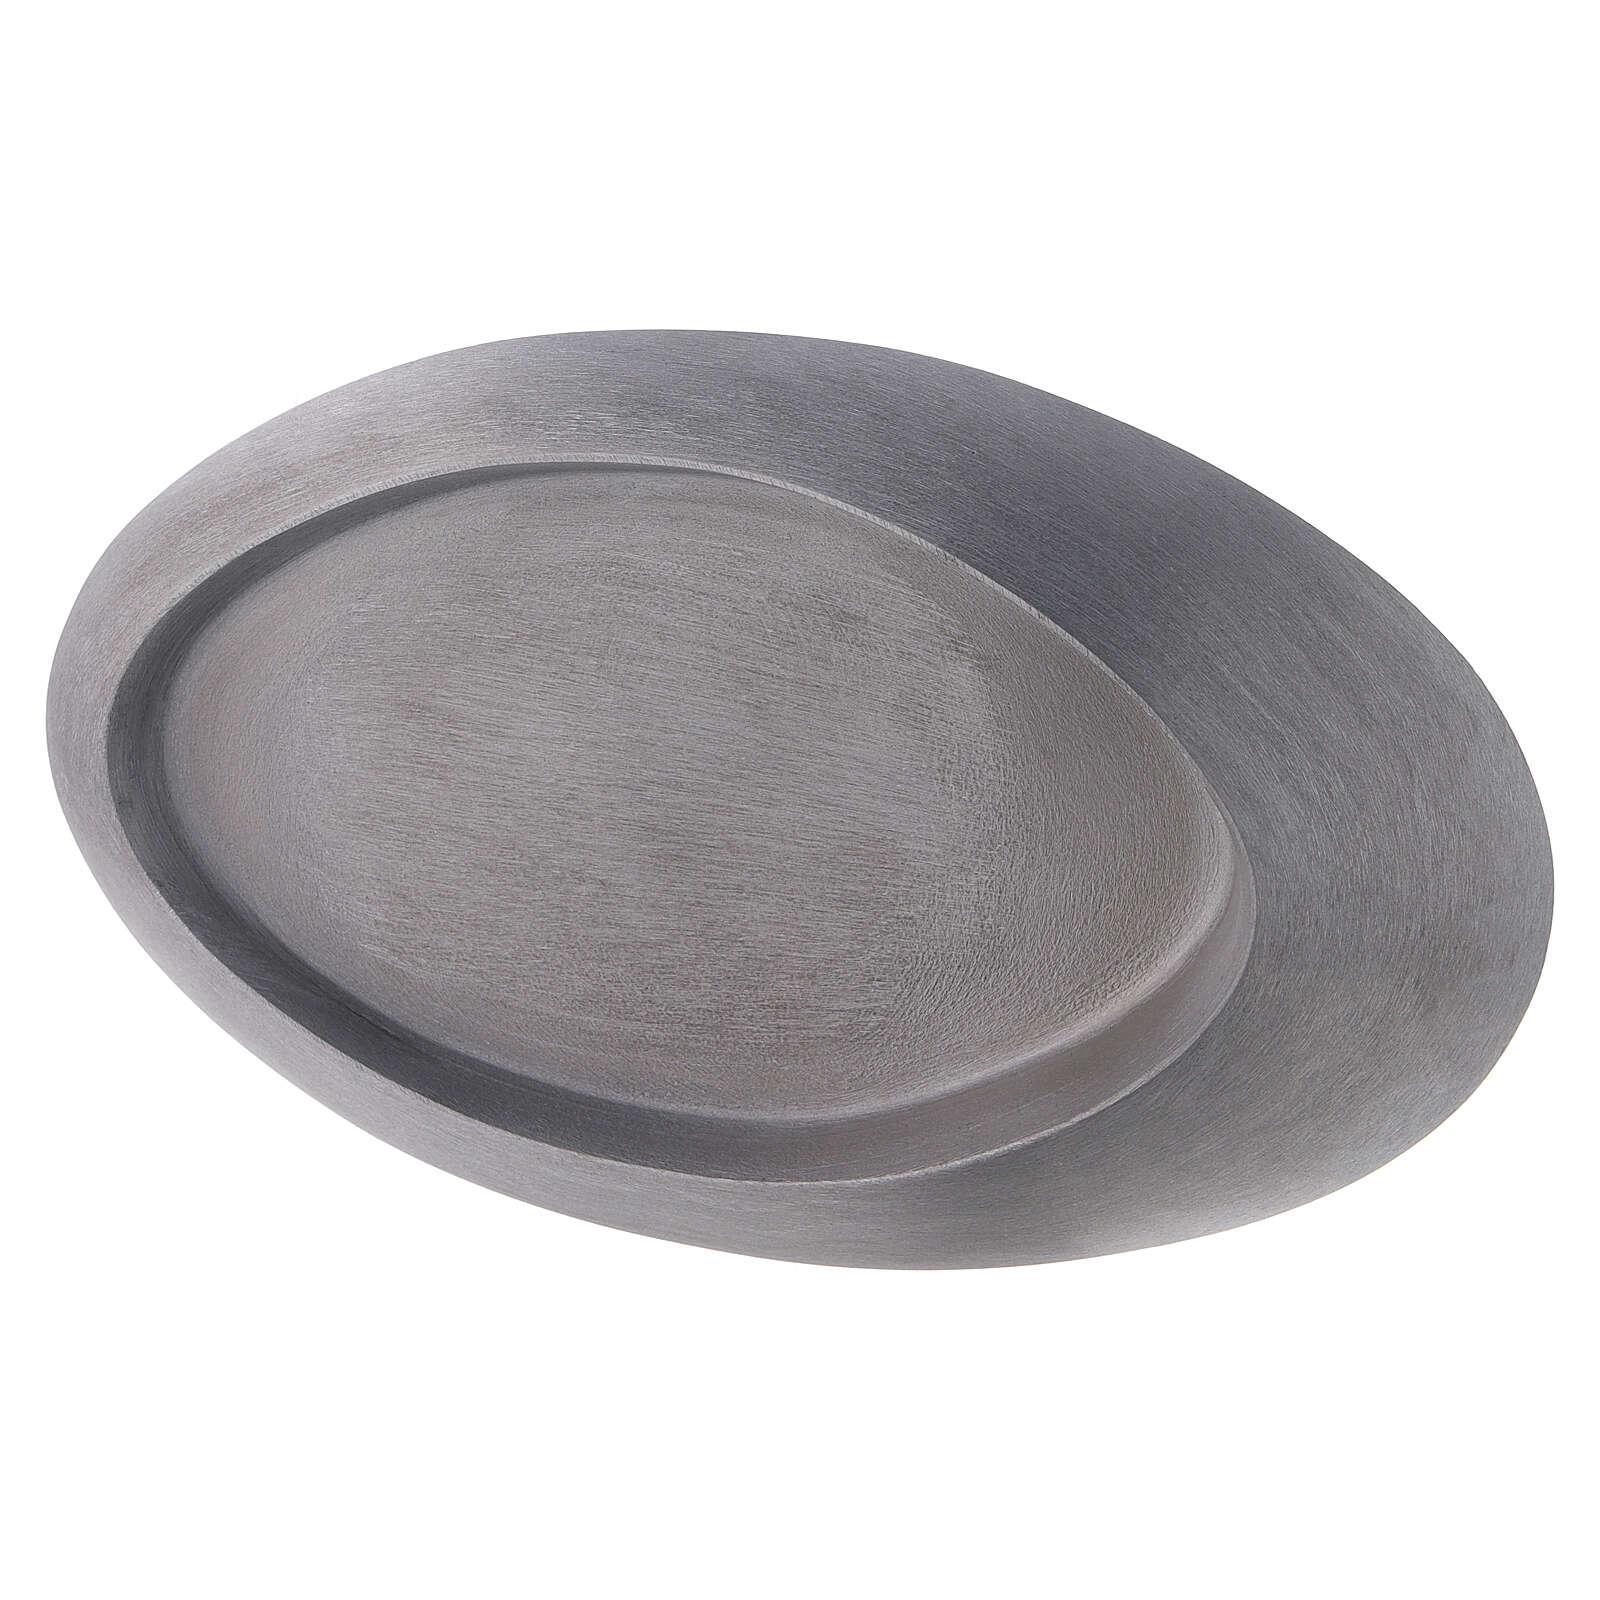 Portacandela rialzato ovale alluminio lucido 13x8 cm 3